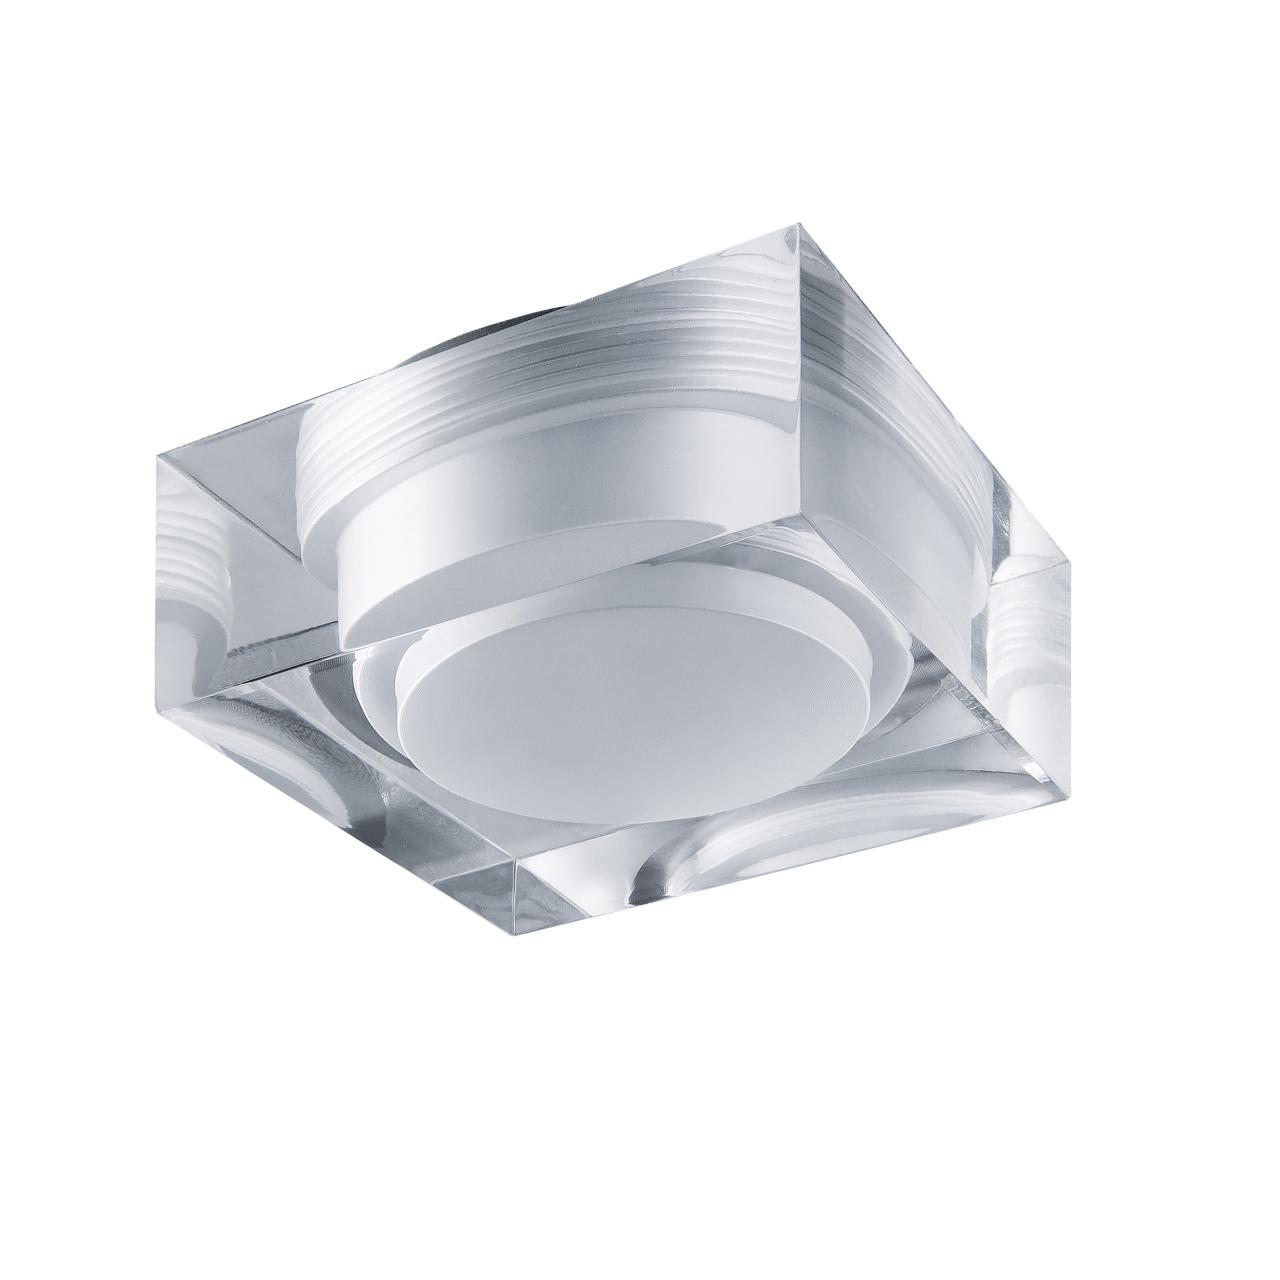 Светильник Artico qua LED 5W 400LM хром / прозрачный/матовый 4000K Lightstar 070244